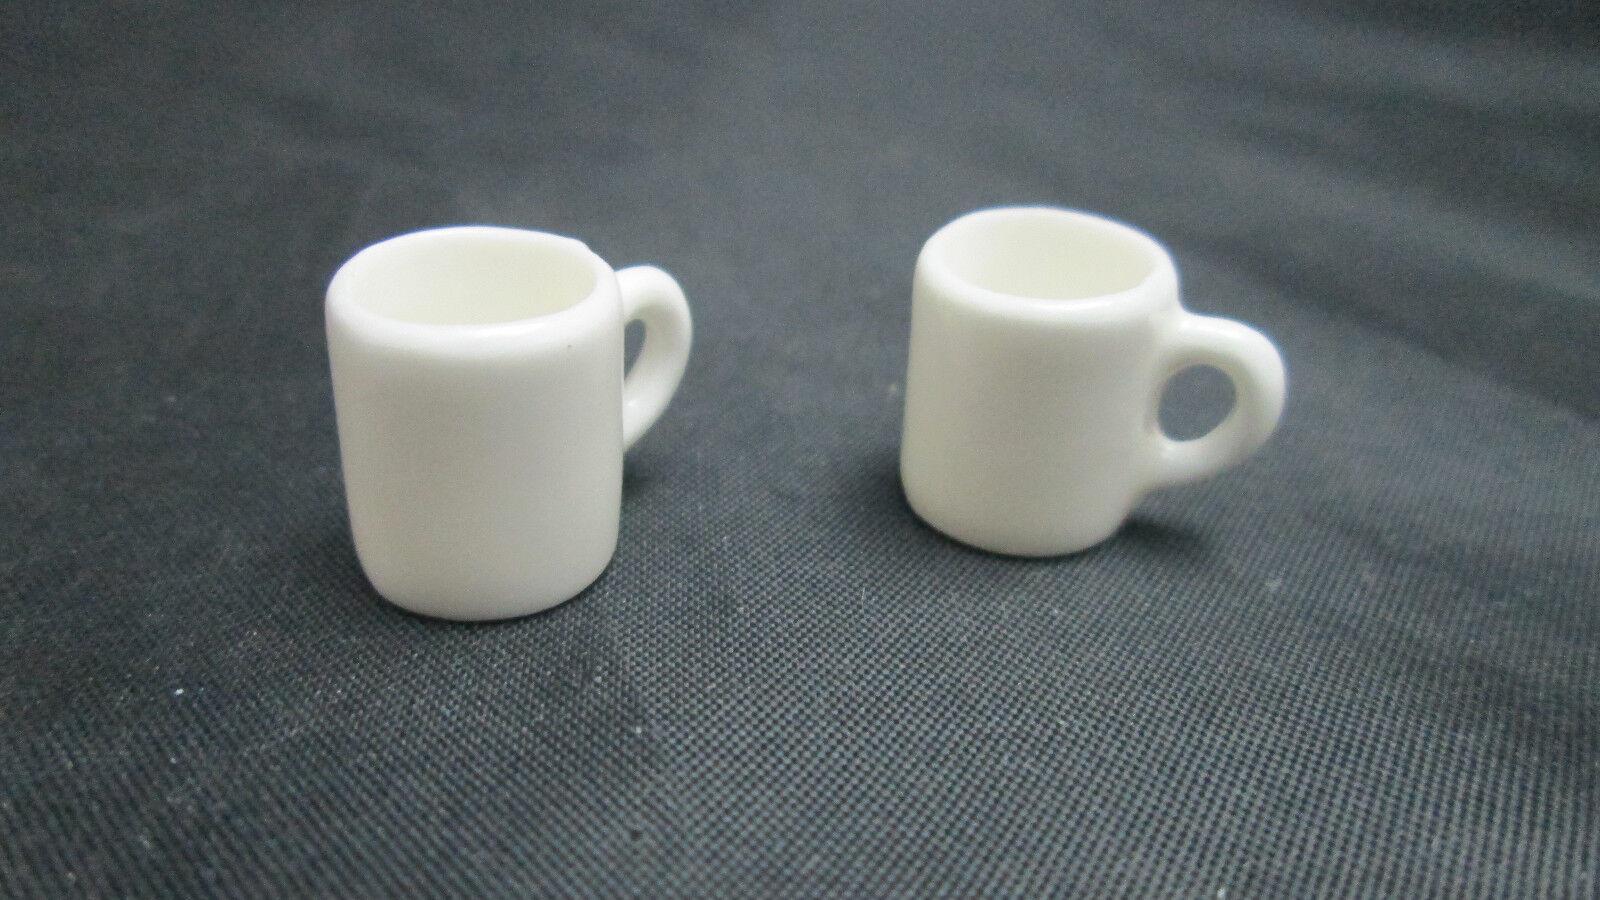 Dollhouse Florida Ceramic Coffee Mug for 1:12 Doll House Miniature Scene